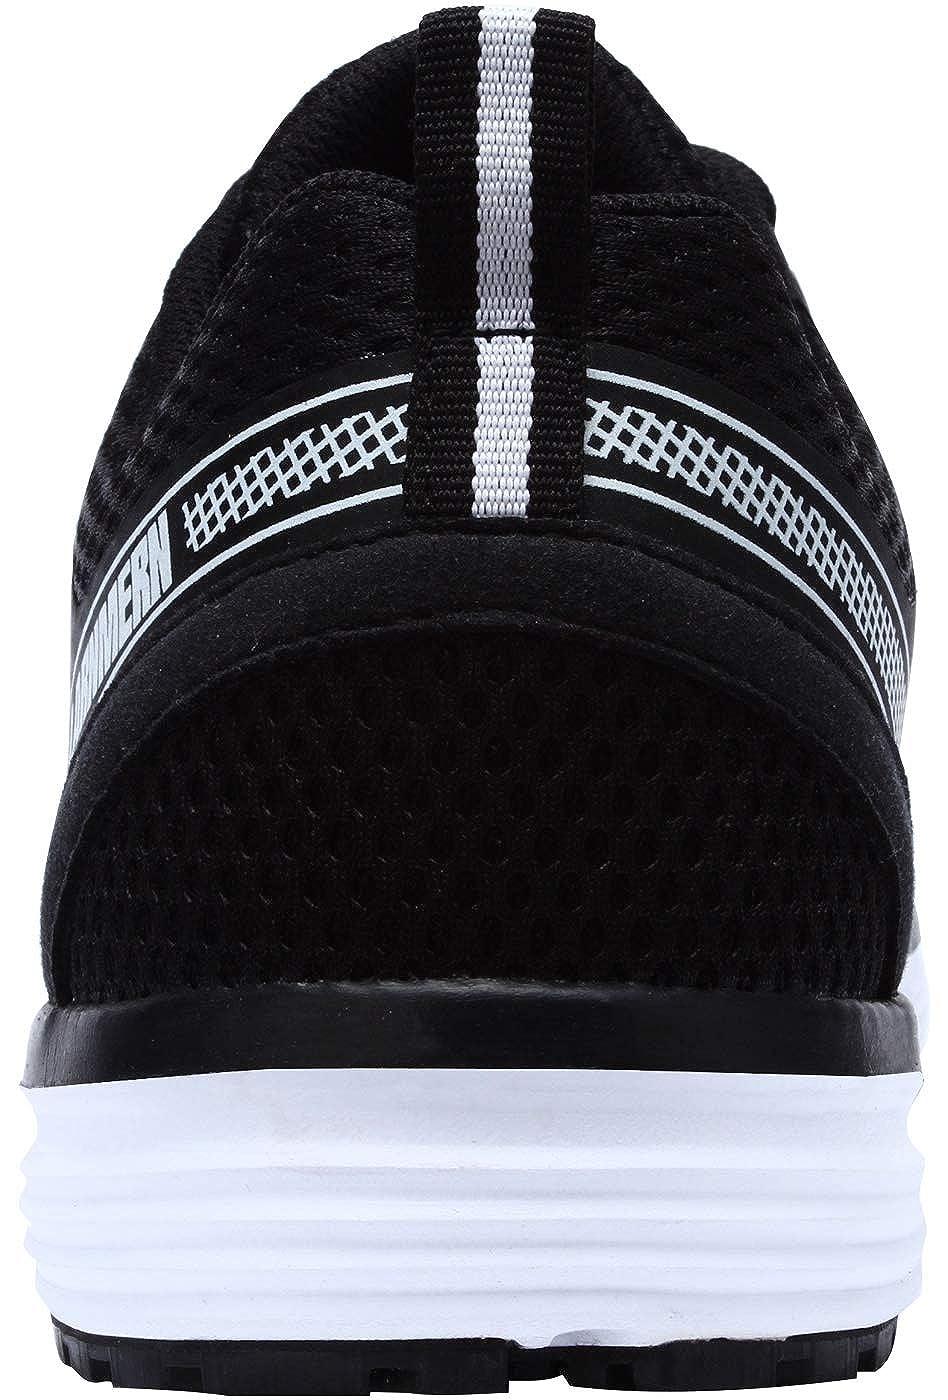 SRC Antid/érapant Anti Ponction Baskets de Securite Anti Statique S1P Industrie Chaussure L8055 LARNMERN Chaussure de Securit/é Homme